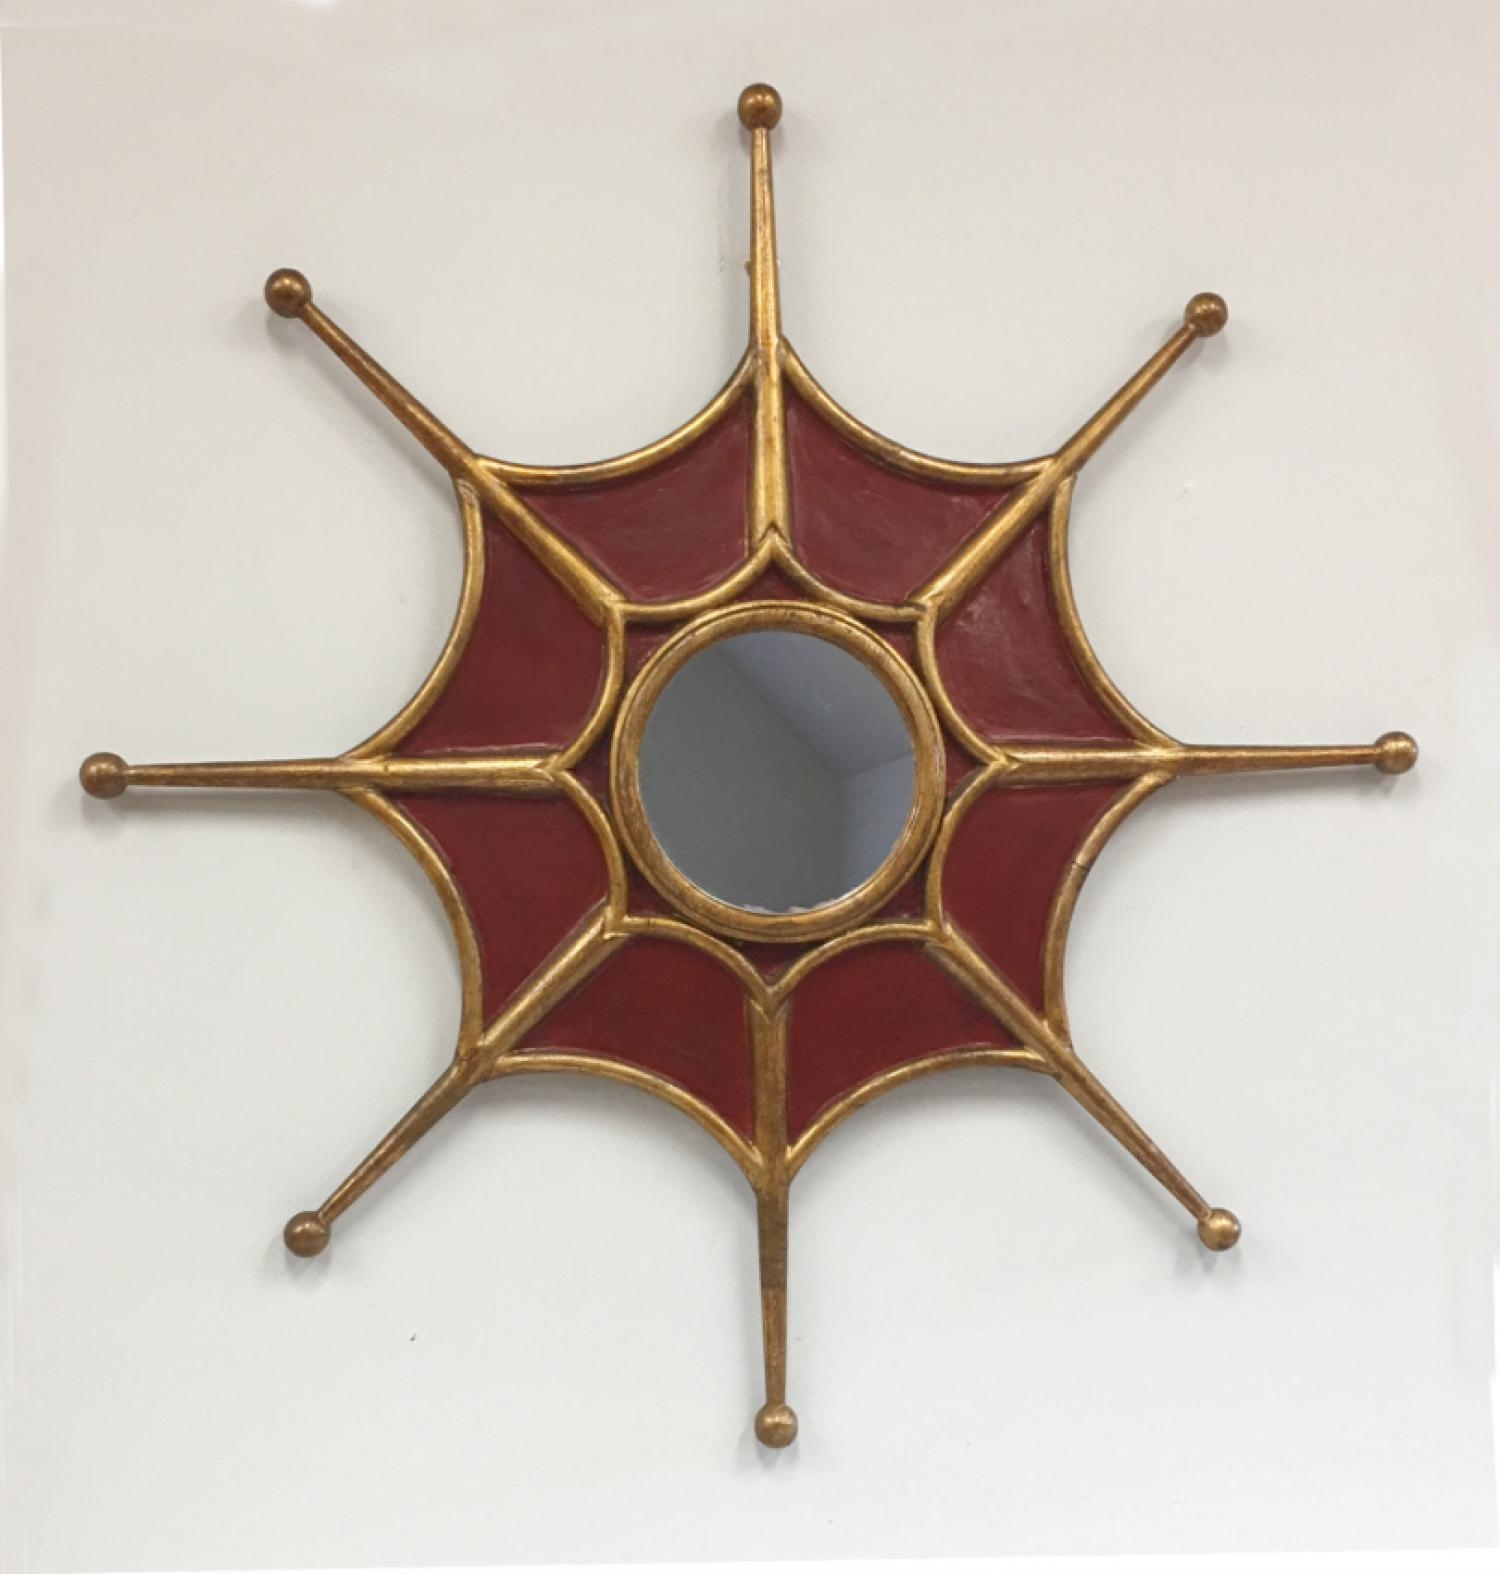 Vintage mid century corona motif mirror c1960